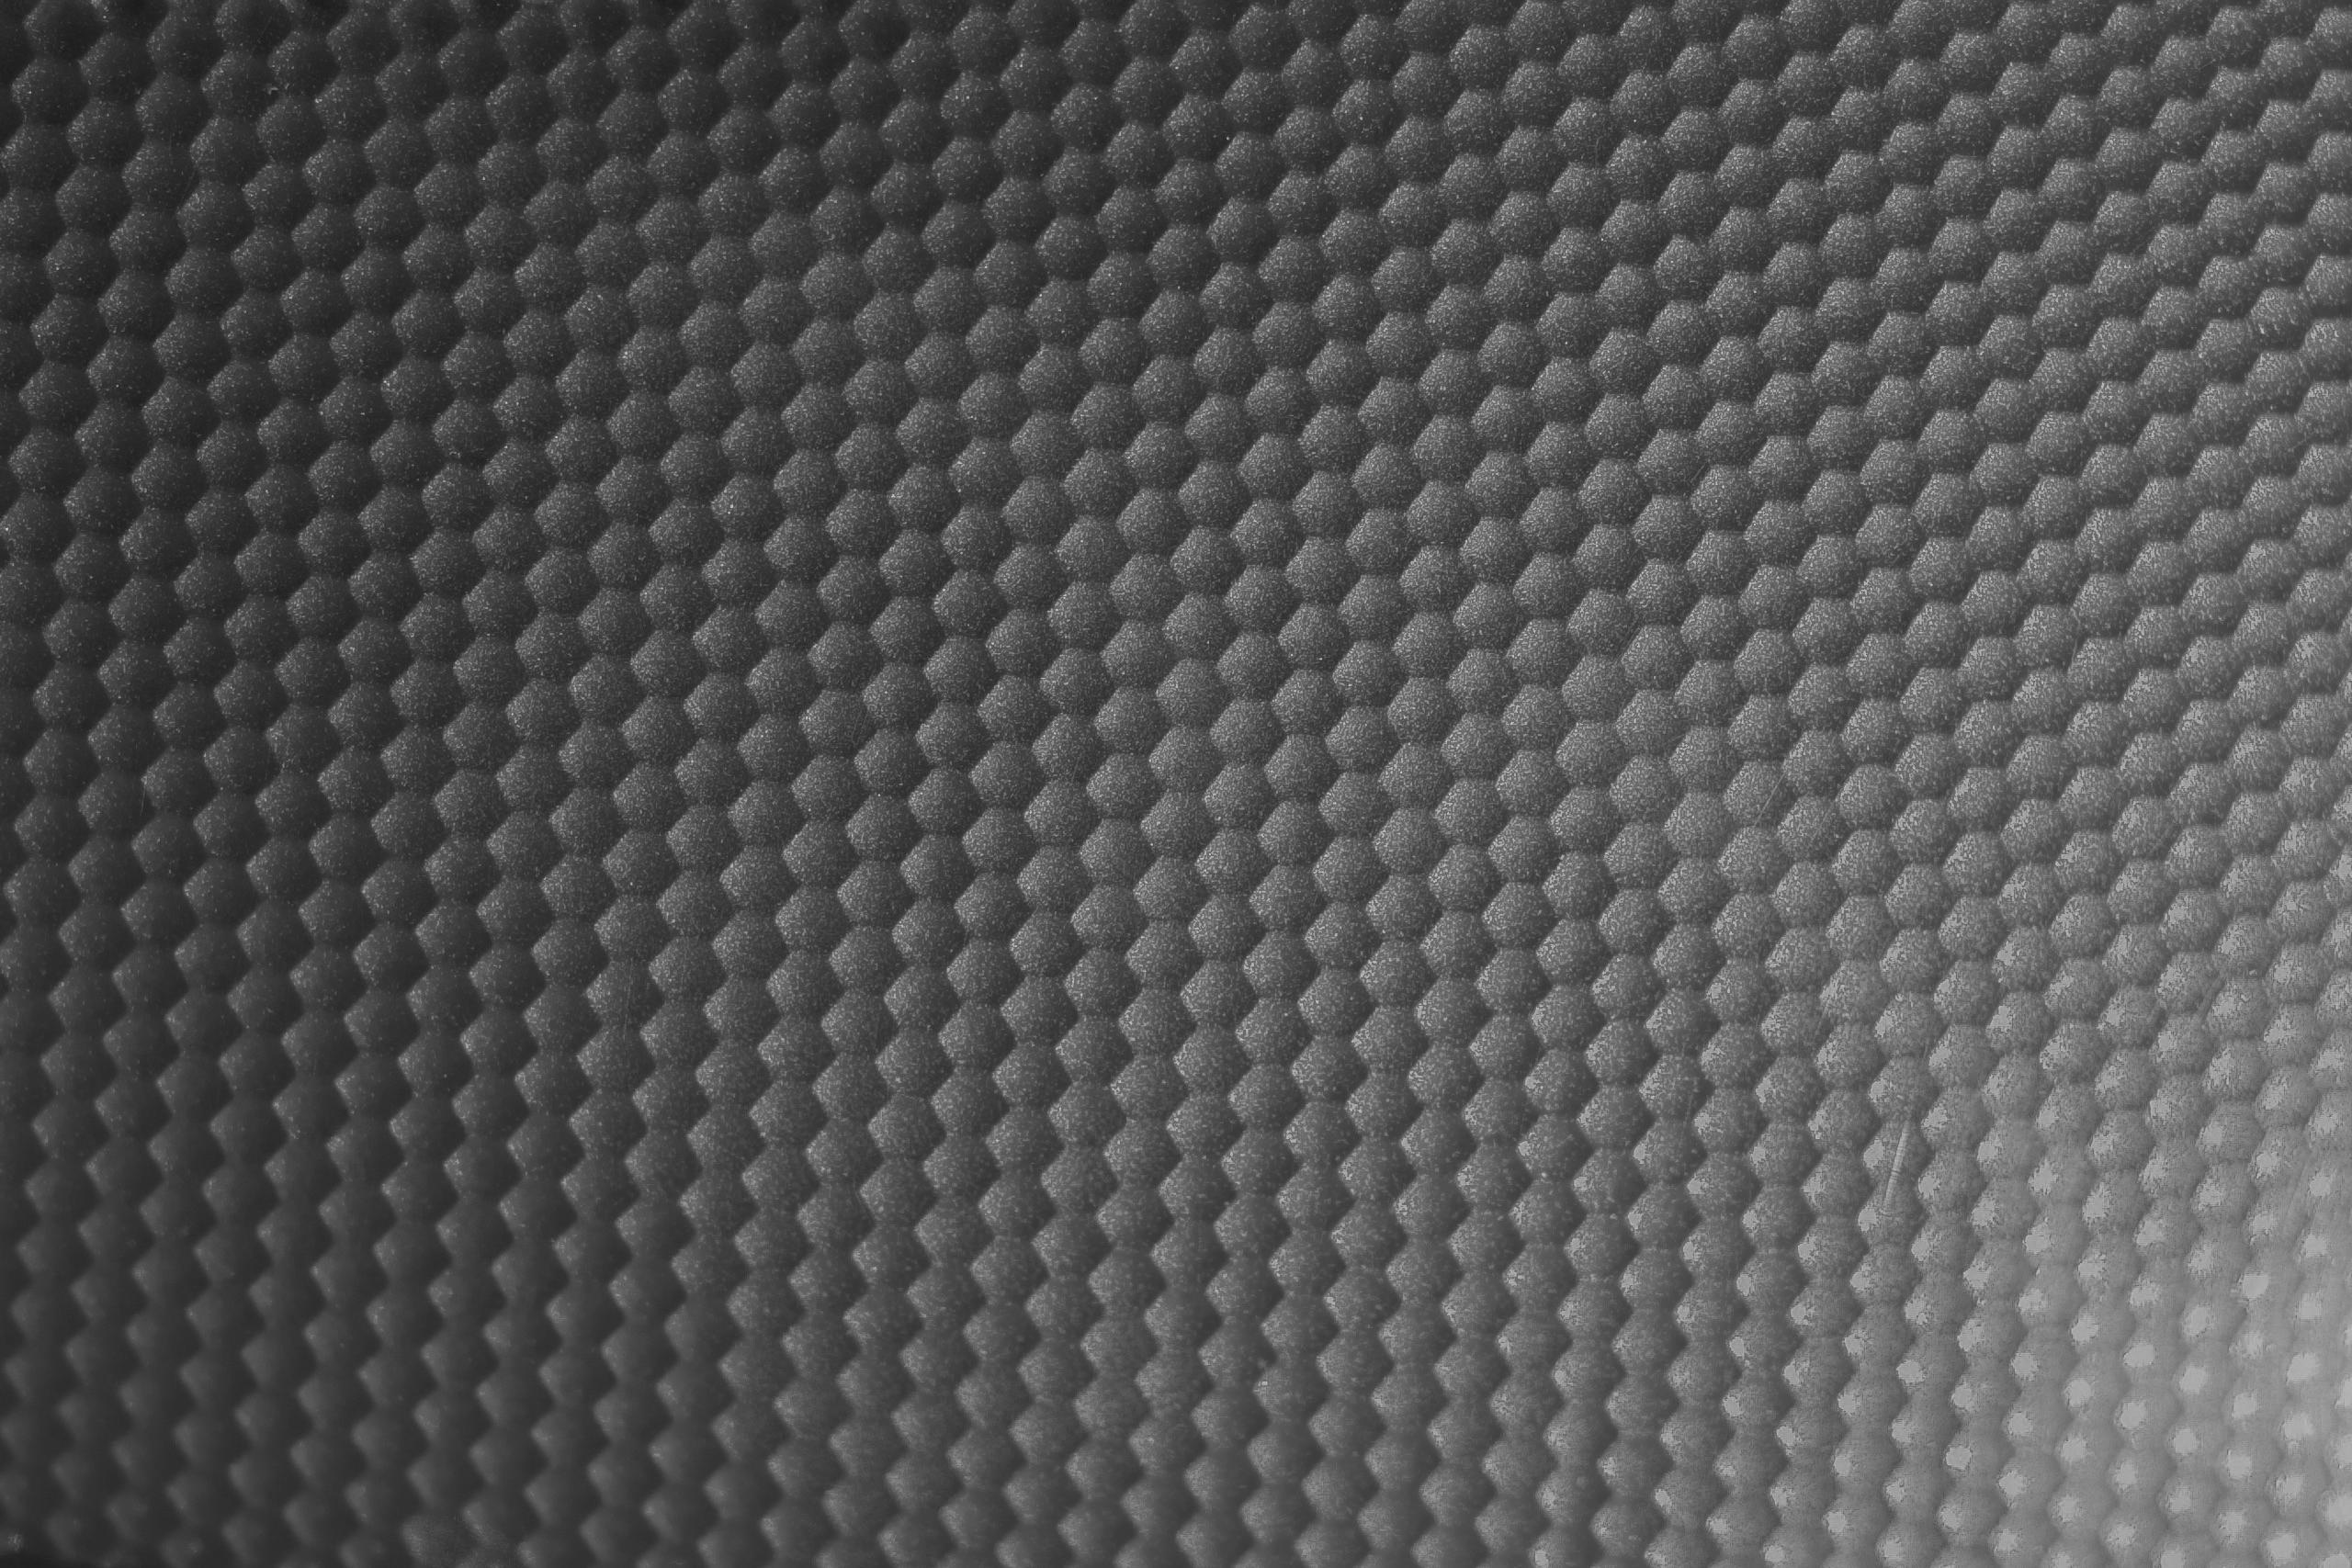 desktop wallpapers great grey - photo #7